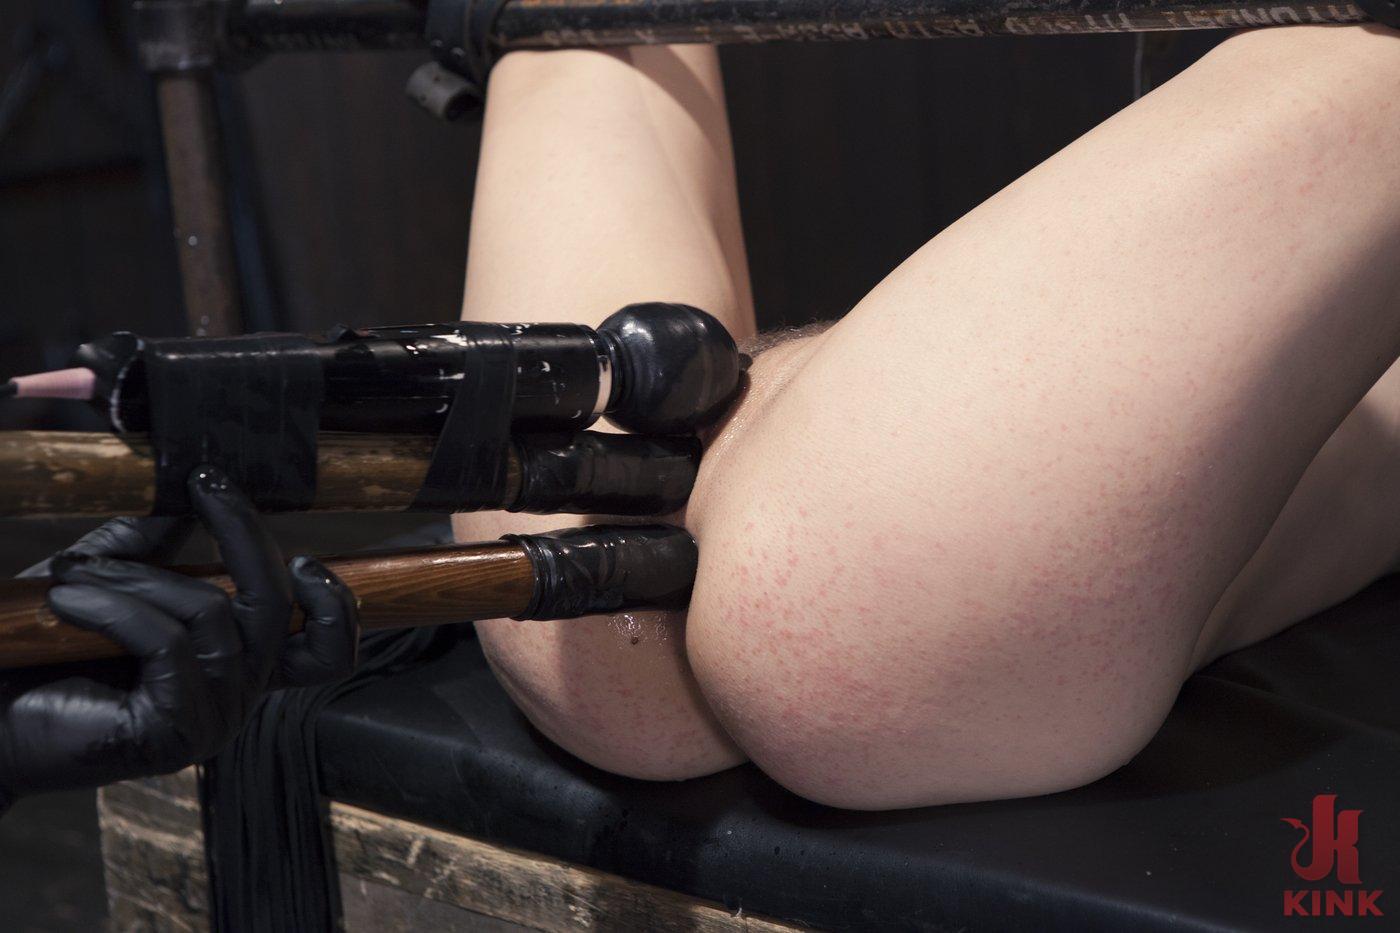 Hot nude babe naked upskirt